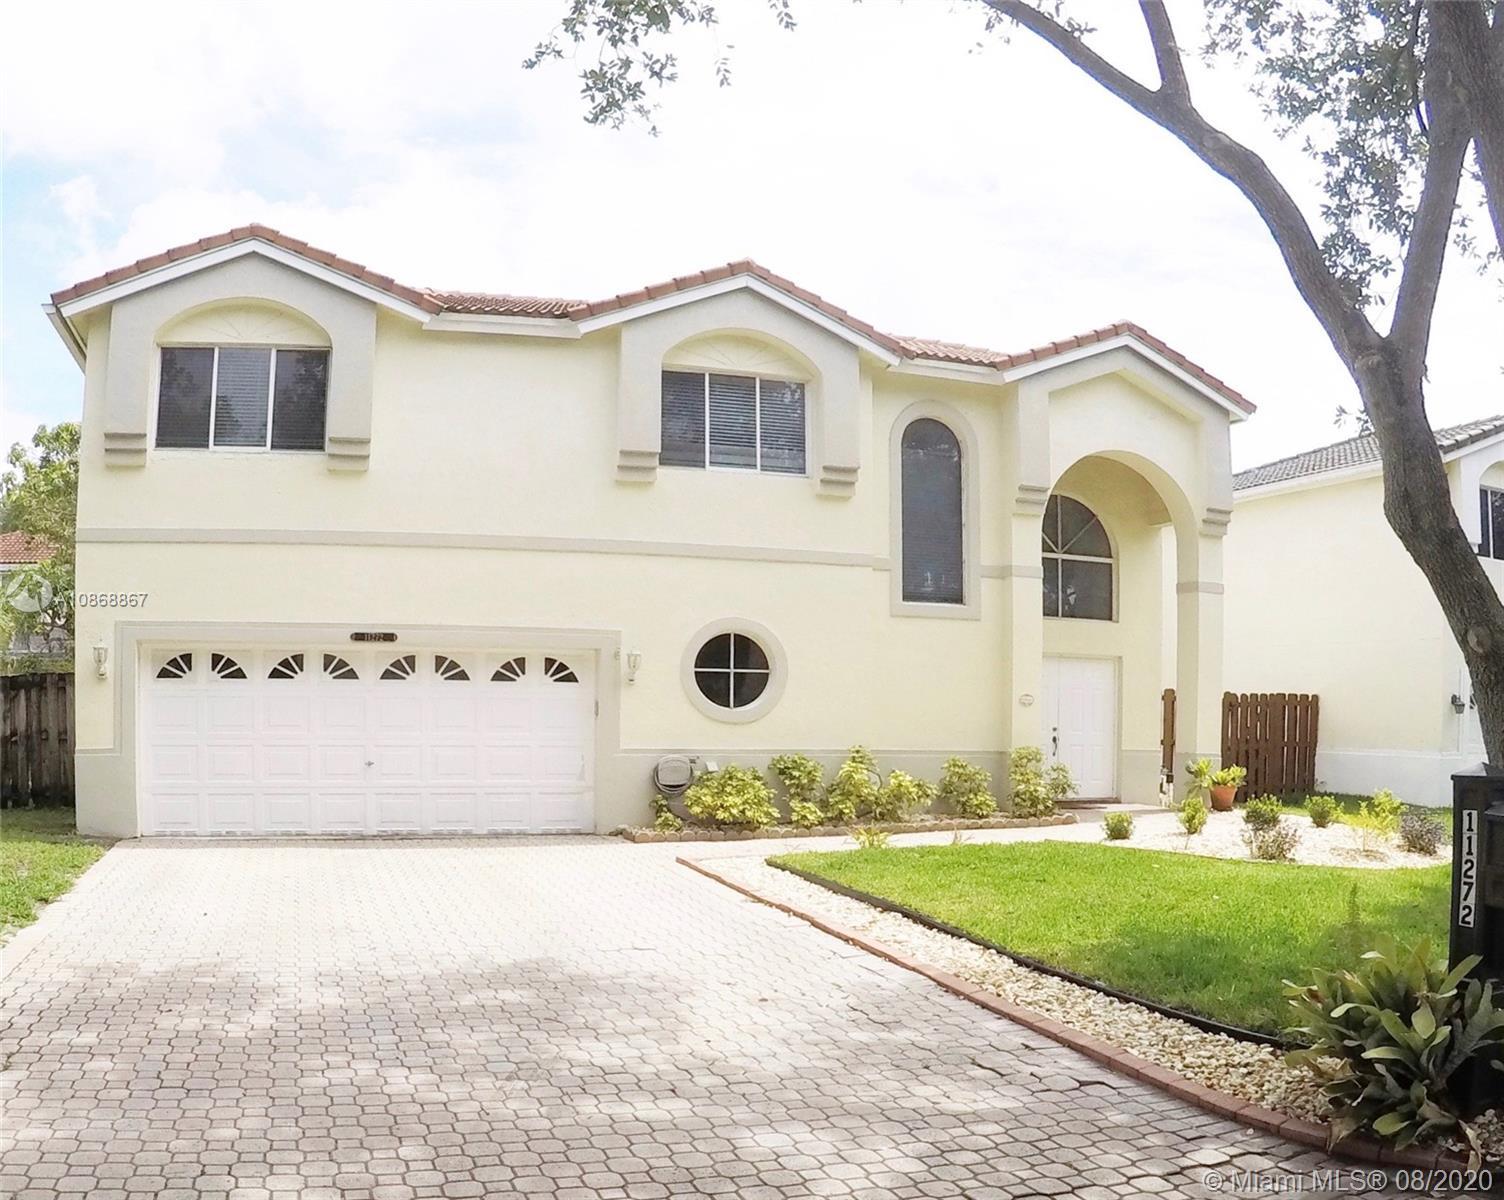 11272 Roundelay Rd, Cooper City, Florida 33026